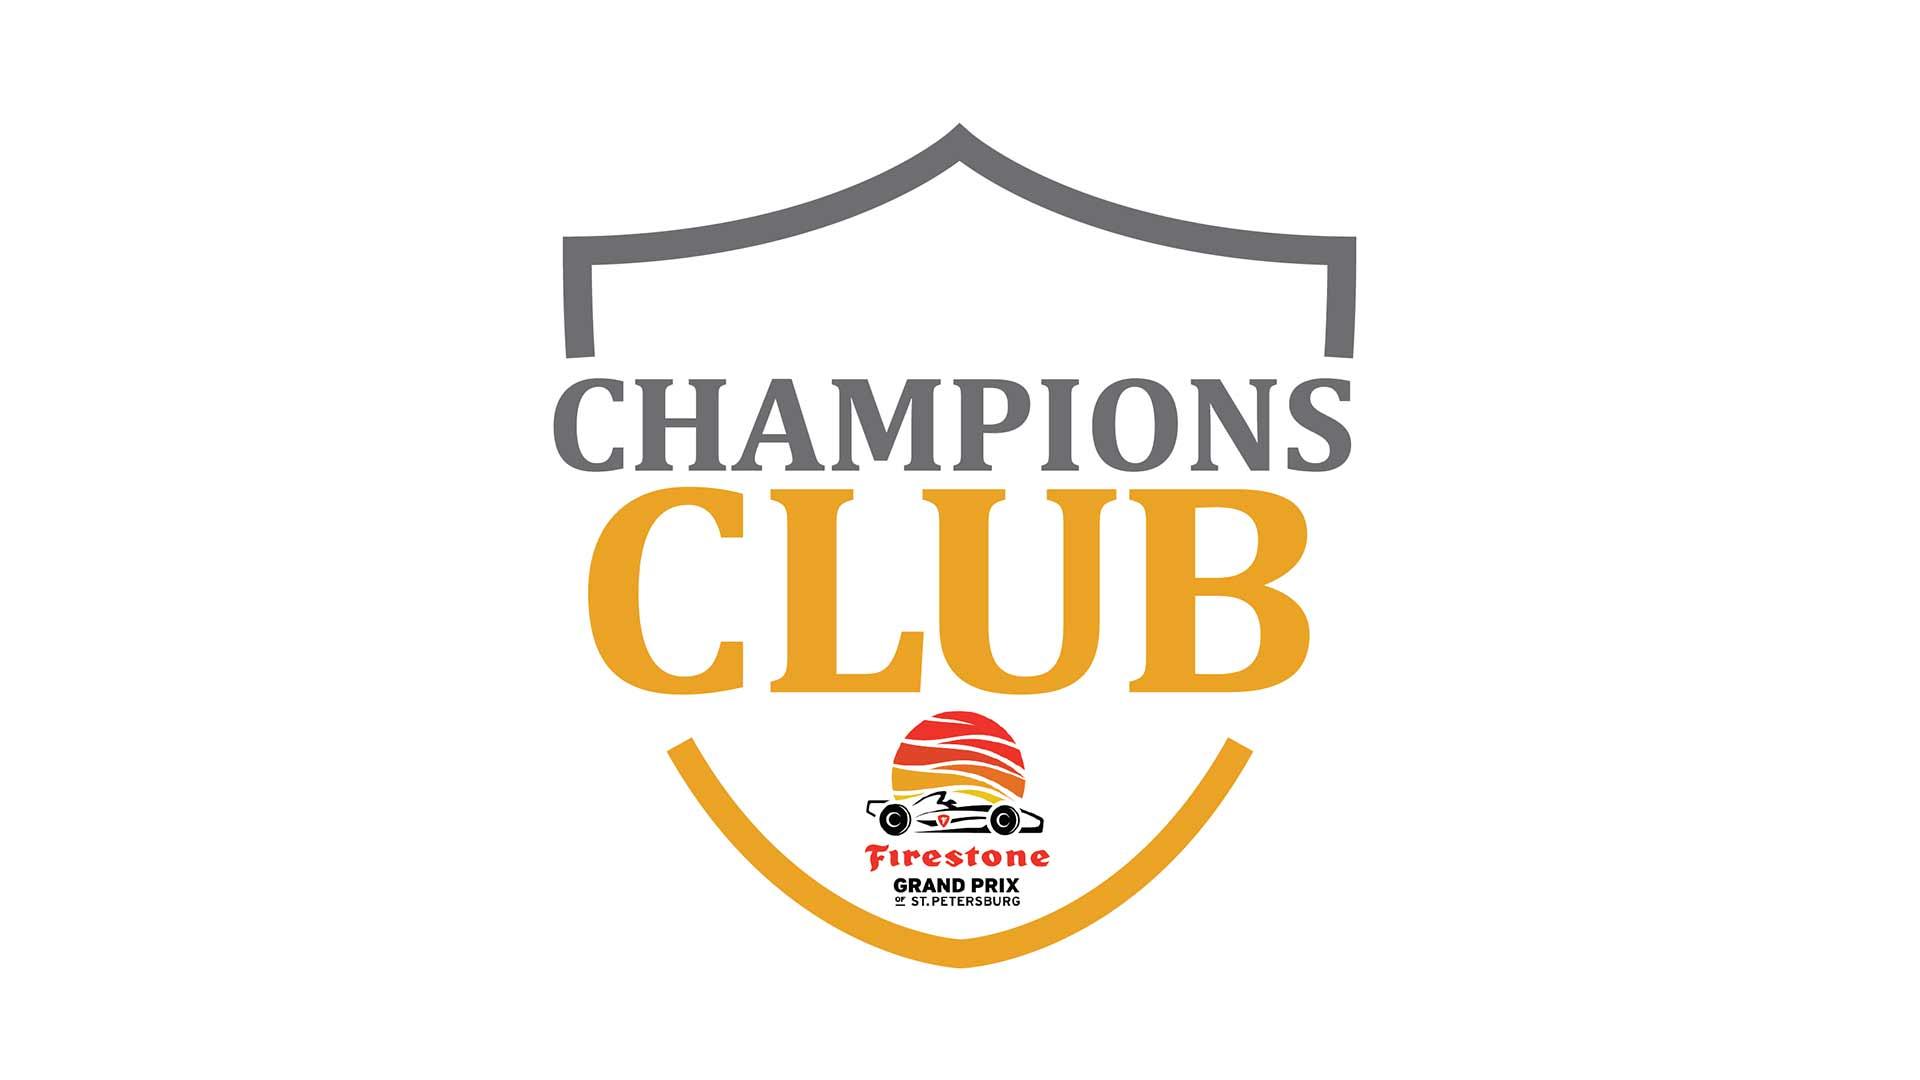 firestone grand prix of st petersburg champions club